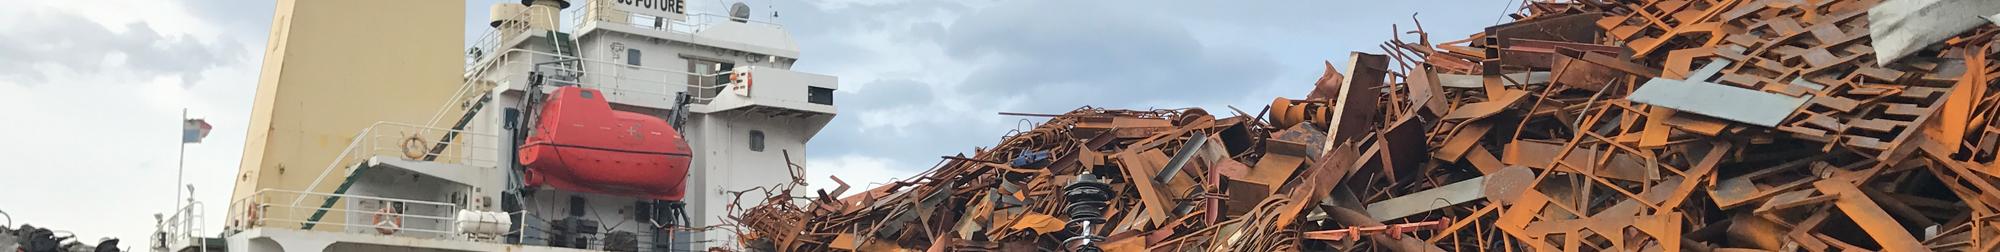 資源リユース(Reuse&再使用)事業と資源リサイクル(Recycle&再利用)事業を2本柱とし、積極的に推進して参ります。2005年創業以来、北山商事は、一貫して原料である(鉄、非鉄金属、古紙、古着、プラスチック)の集荷・選別・加工・提供を続けてきました。資源リユース(Reuse&再使用)事業と資源リサイクル(Recycle&再利用)事業を2本柱とし、積極的に推進して参ります。